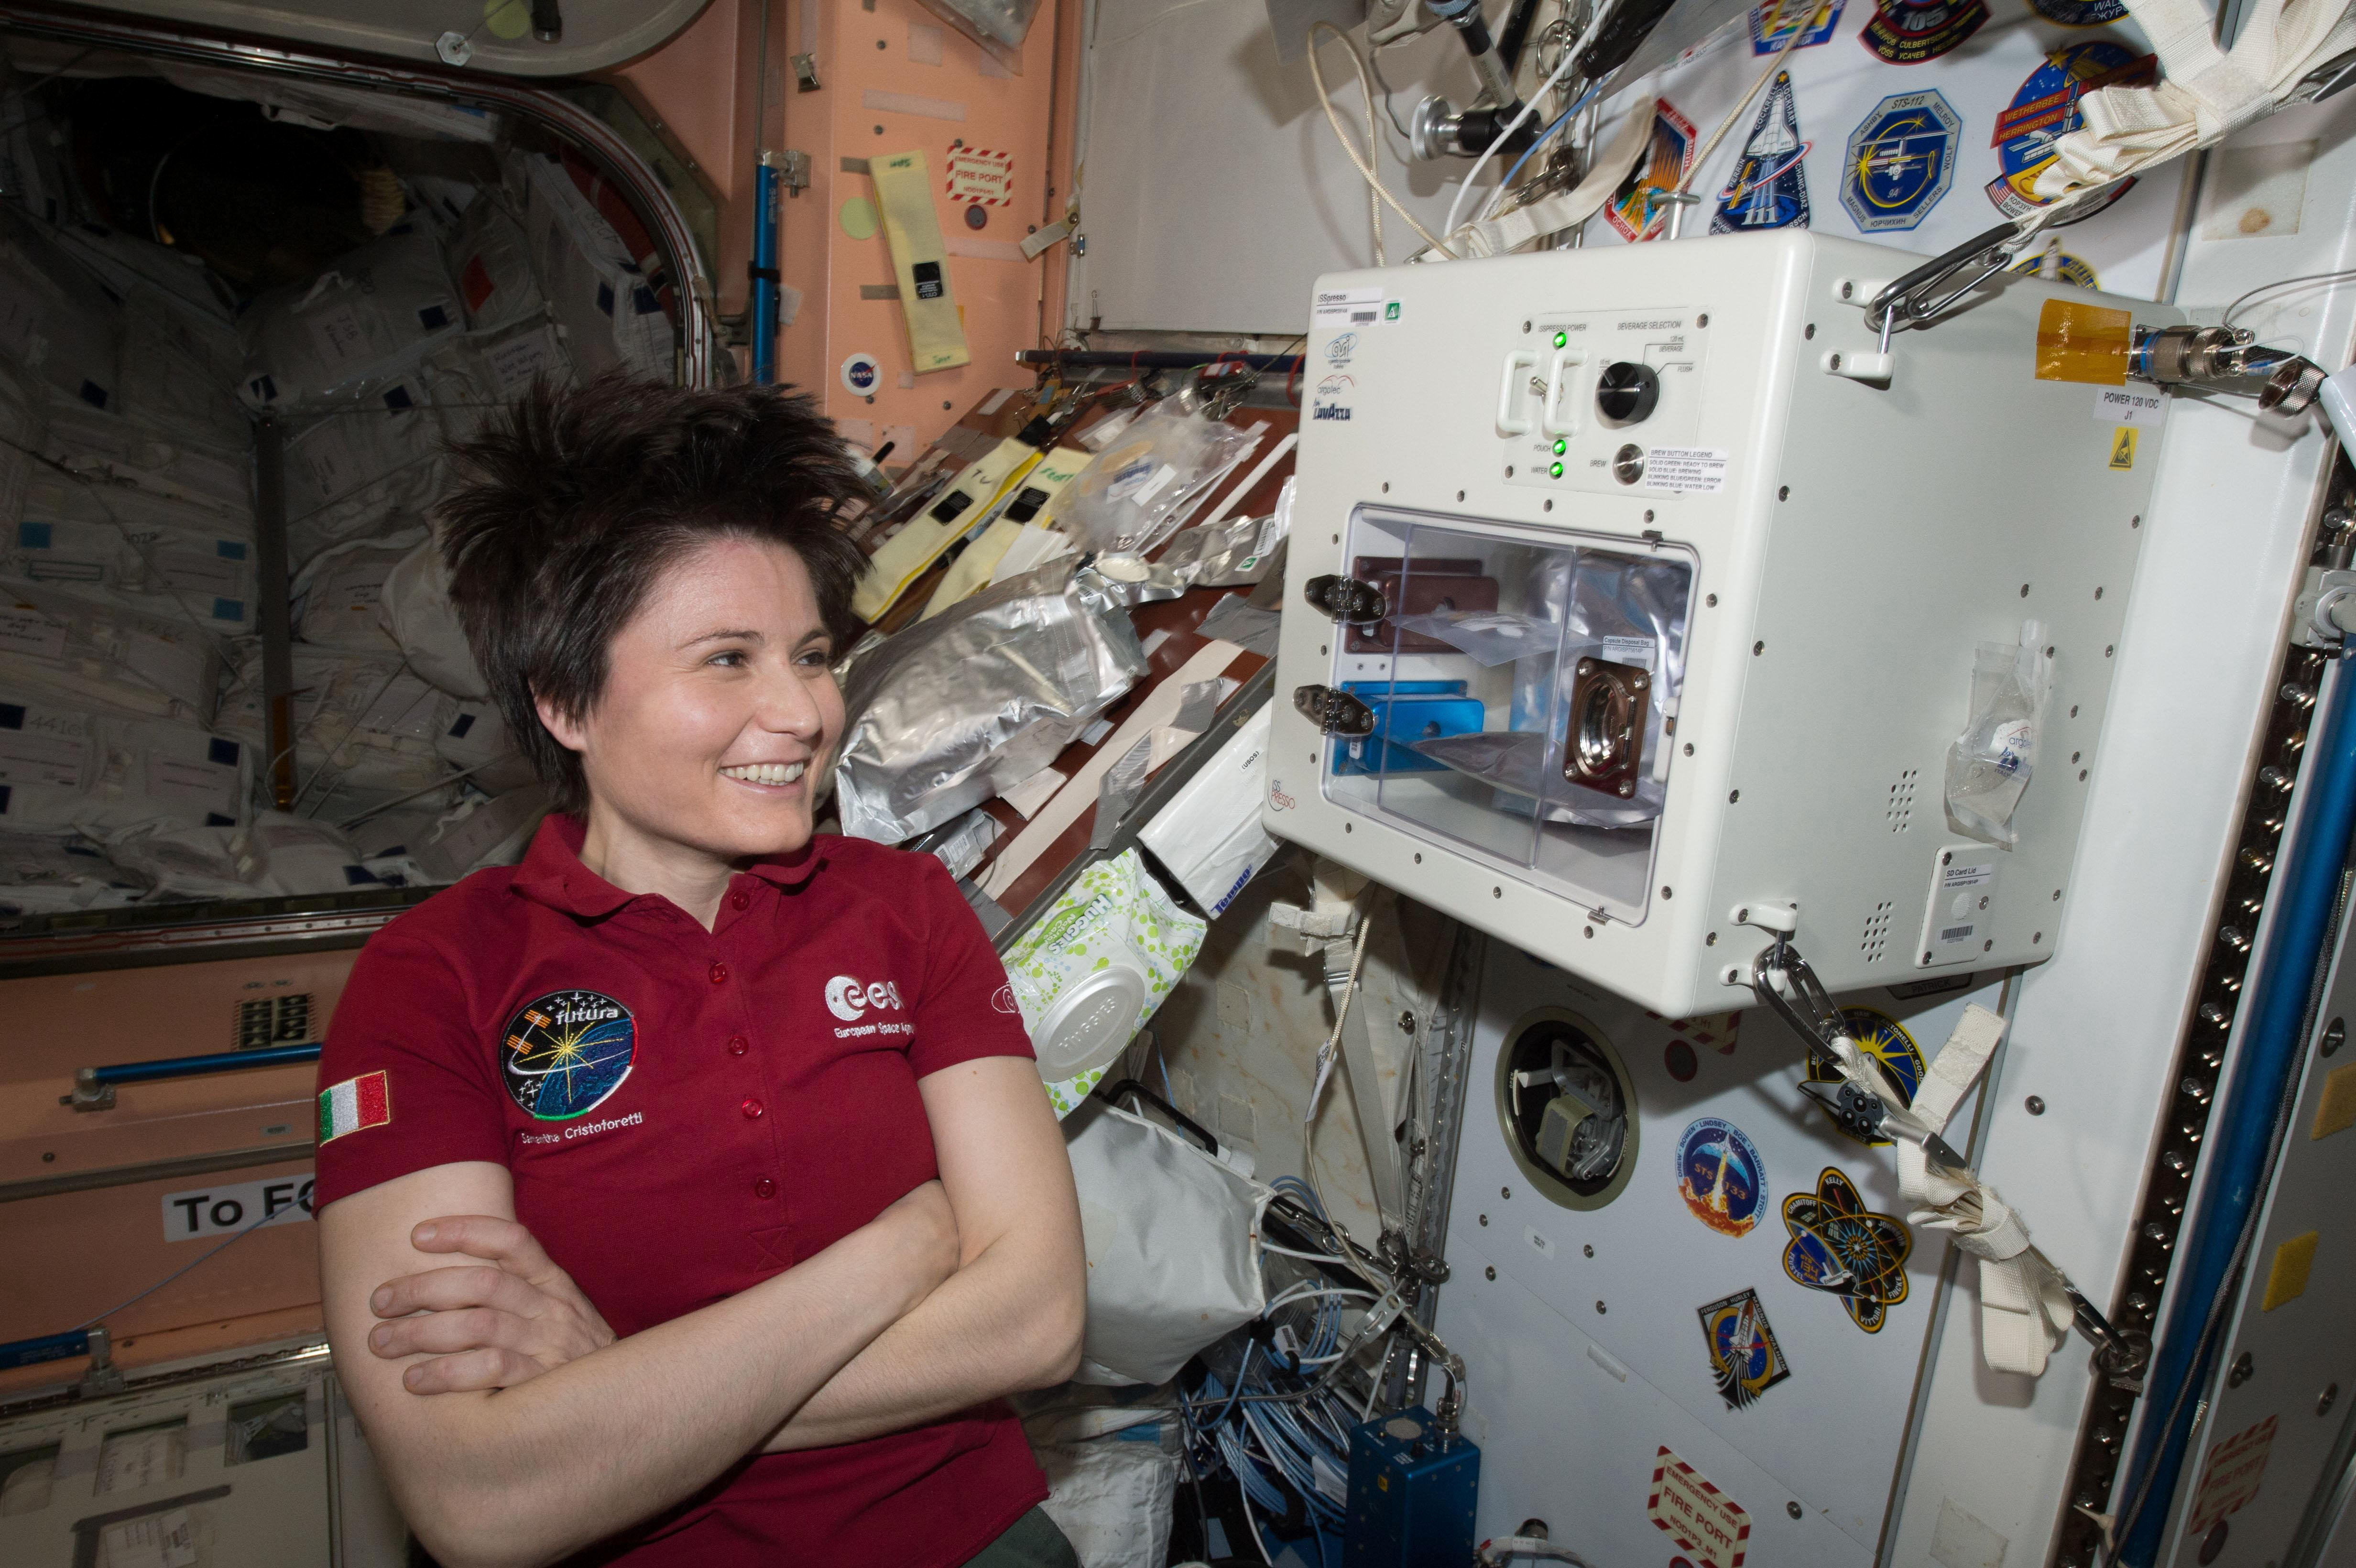 Похоже, итальянка Саманта Кристофоретти довольна работой космической кофеварки.    Фото: NASA